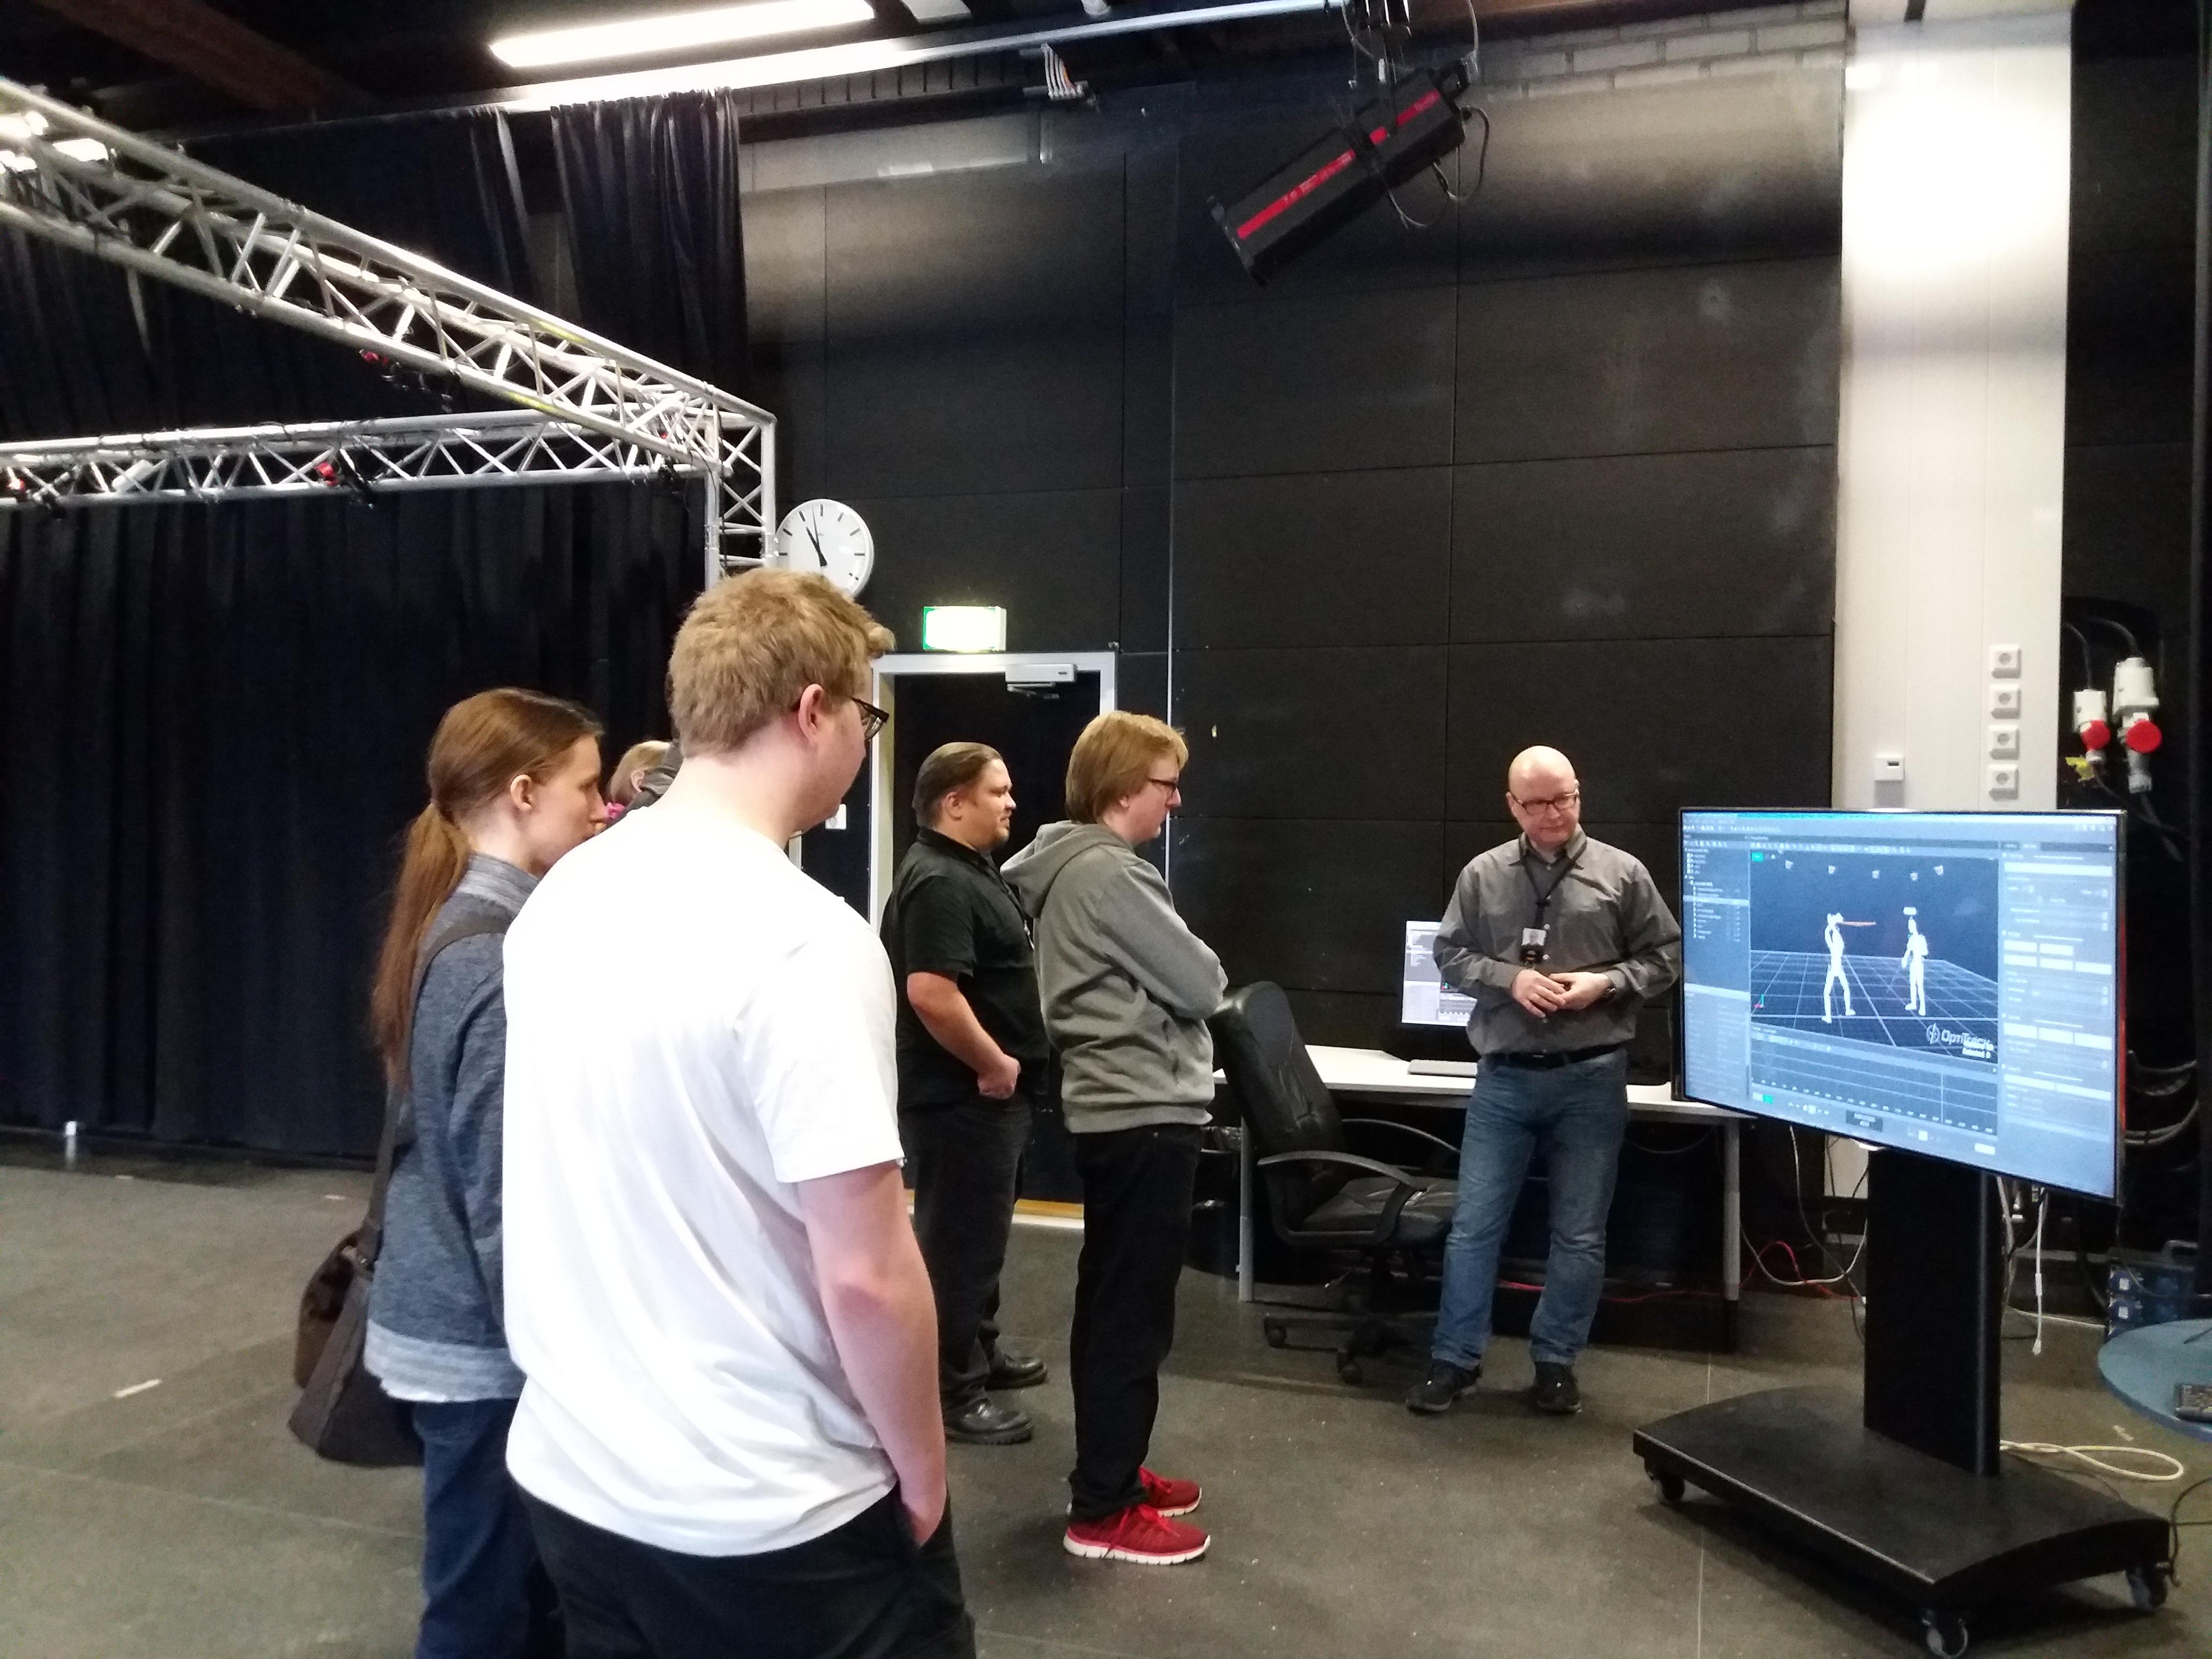 Lehtori Marko Siitonen esittelee peliä jossa hyödynnetään motion capture tekniikkaa